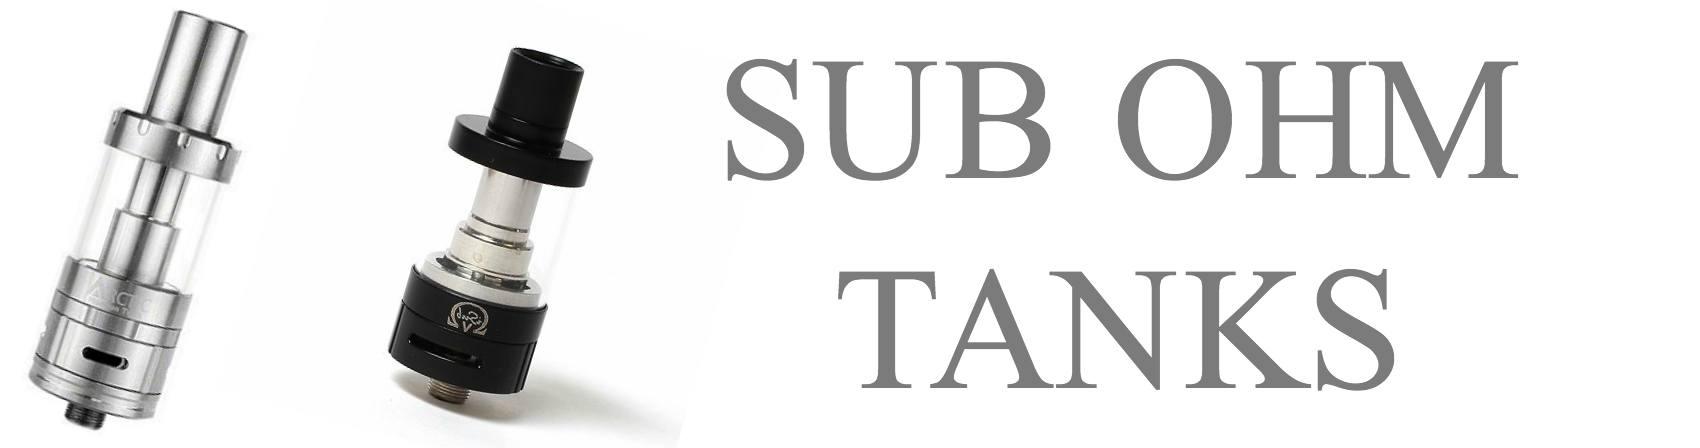 Sub Ohm Tanks | Best Sub-Ohm Vape Tanks